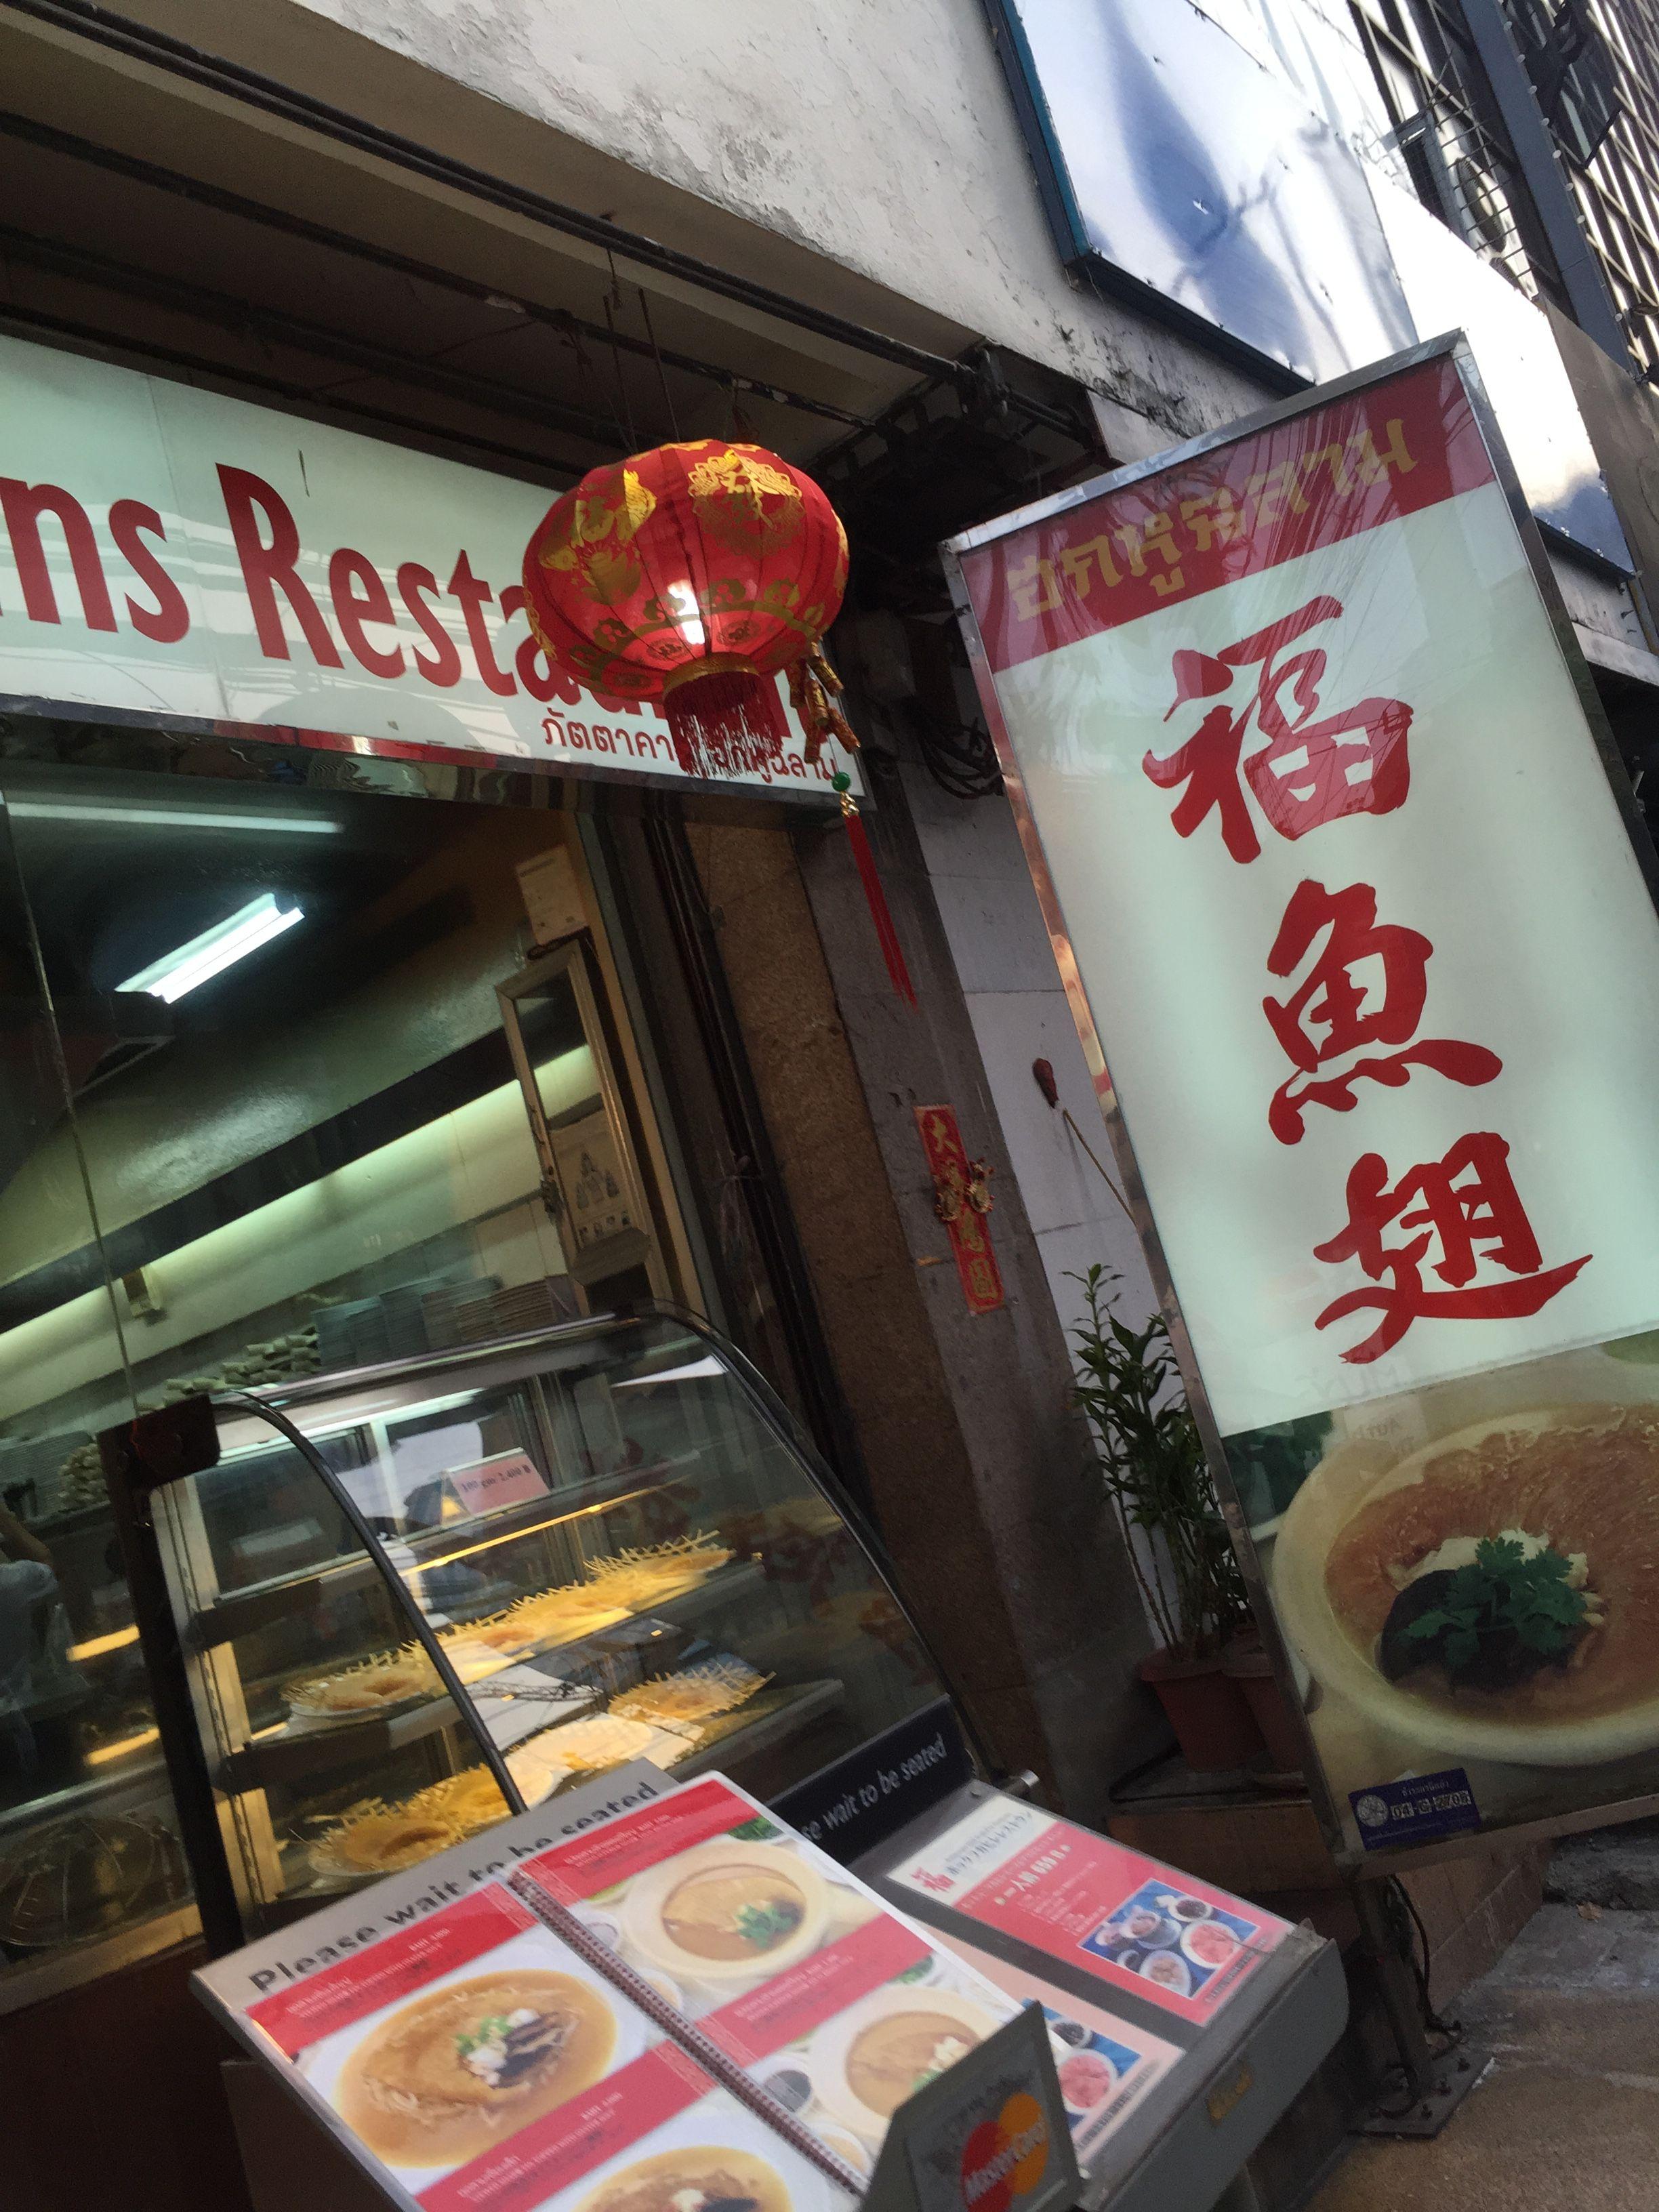 タニヤ・パッポン・シーロムでのおすすめタイ料理 ホック(福)レストラン